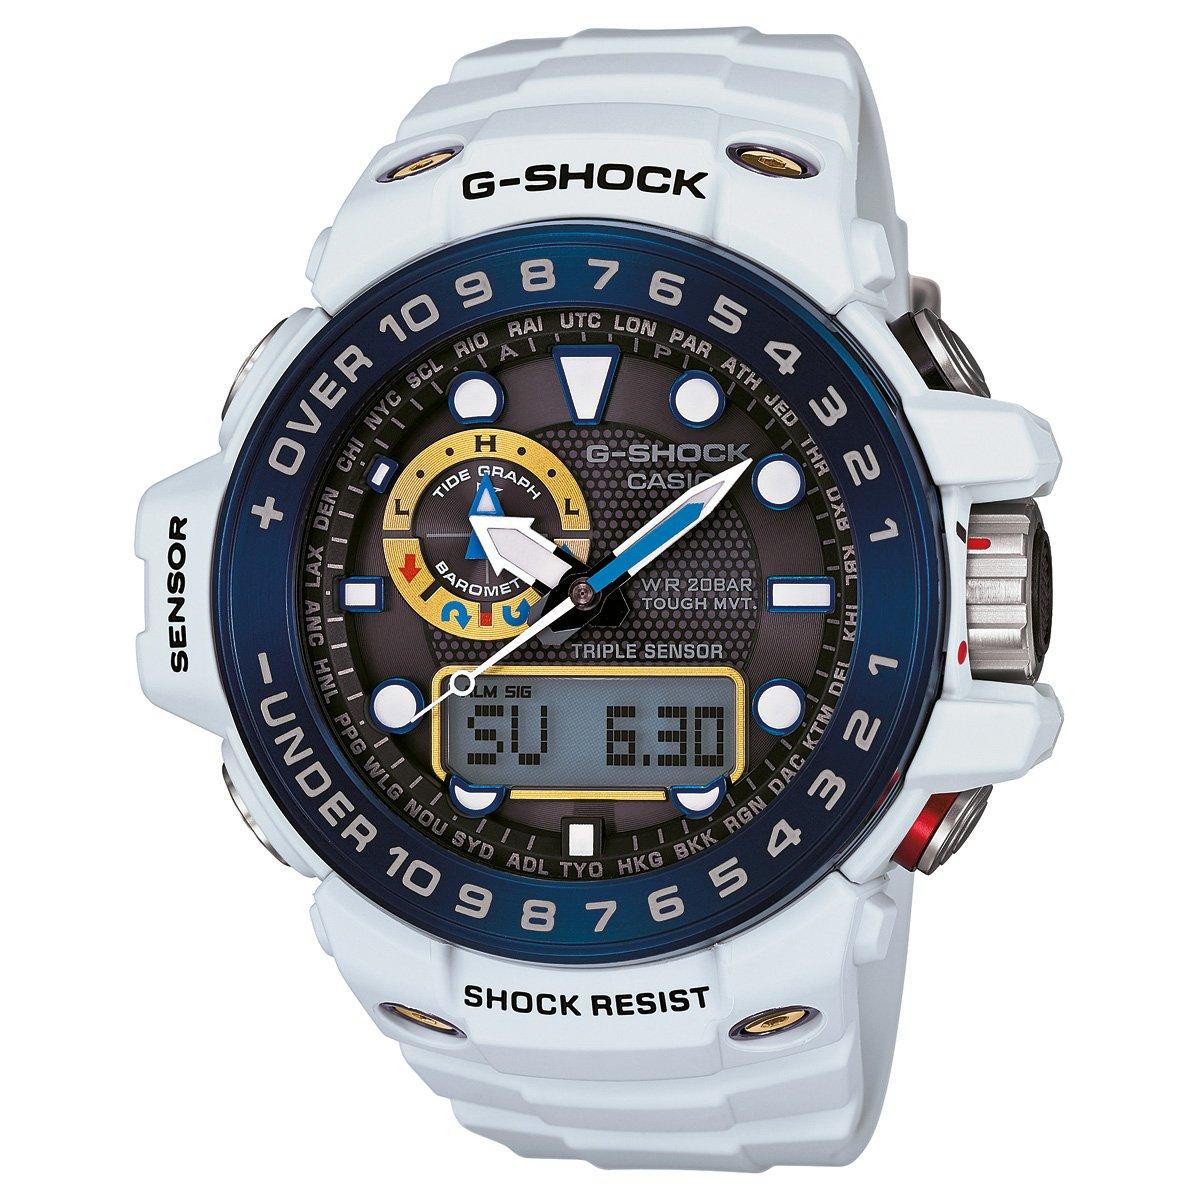 81bc6a9490a Relógio G-Shock GWN-1000 - Compre Agora